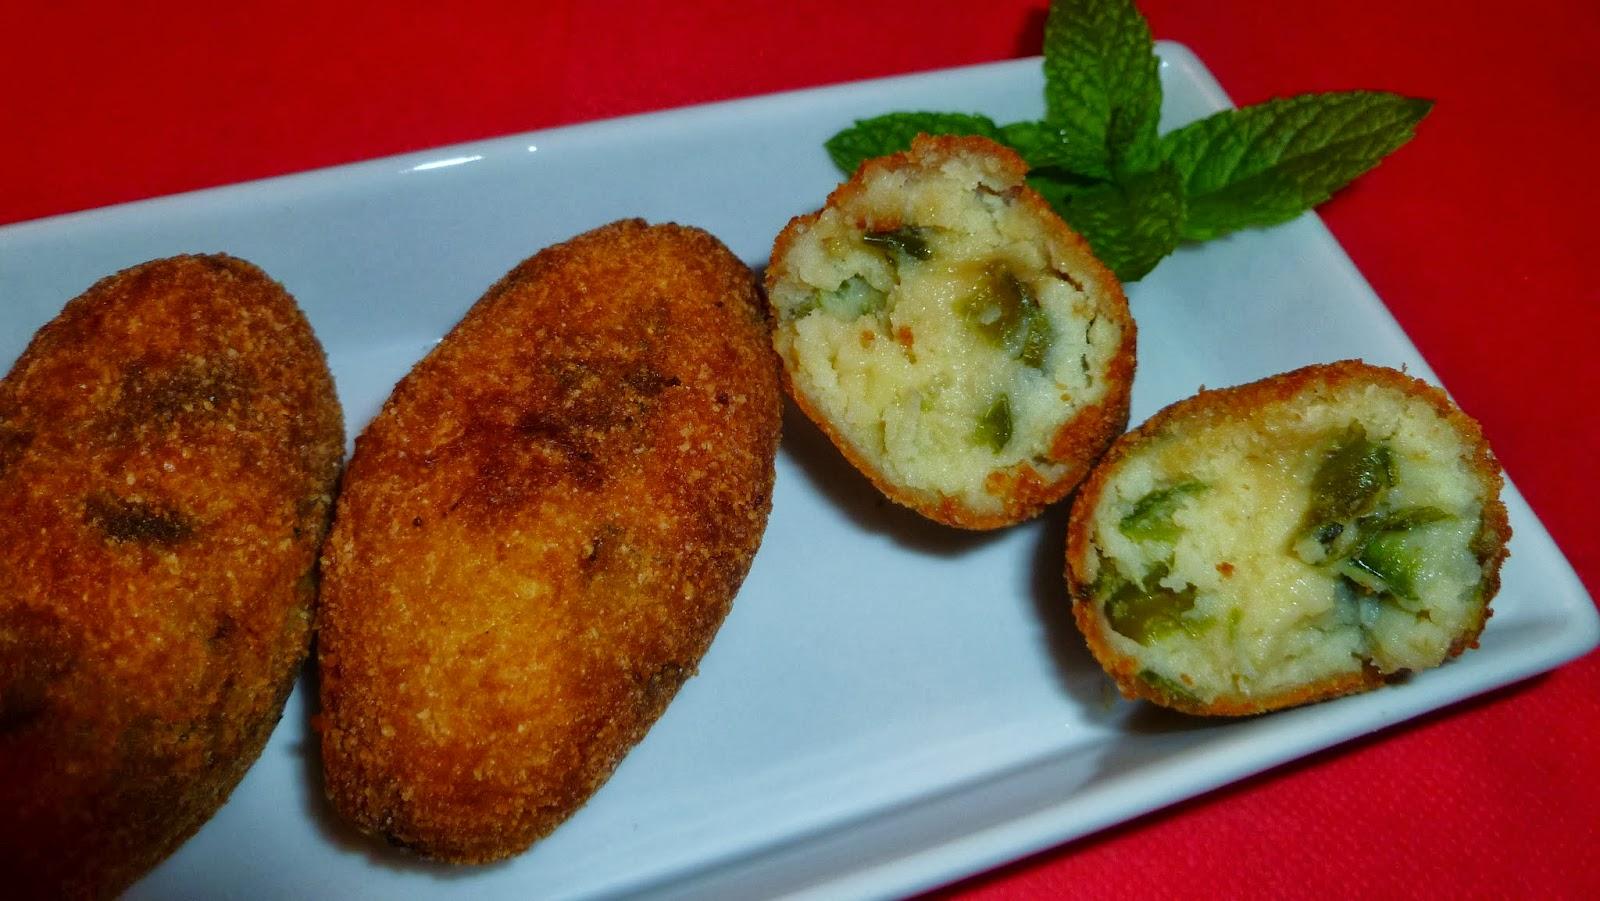 Croquetas de patatas con pimientos verdes fritos